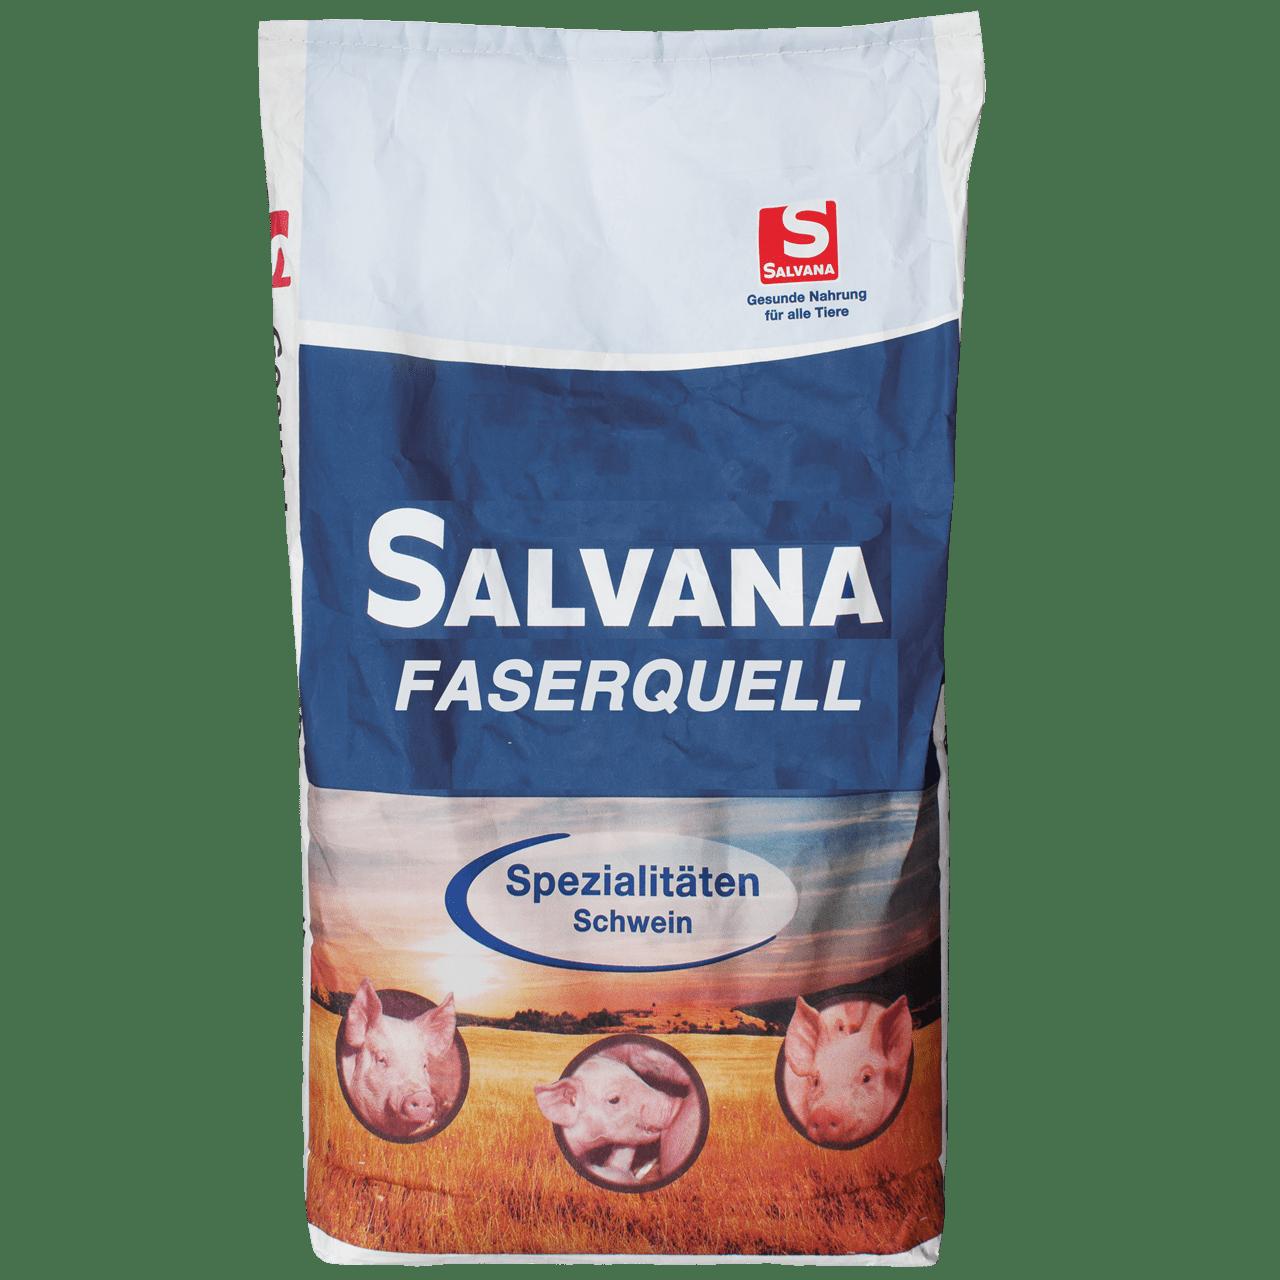 SALVANA FASERQUELL